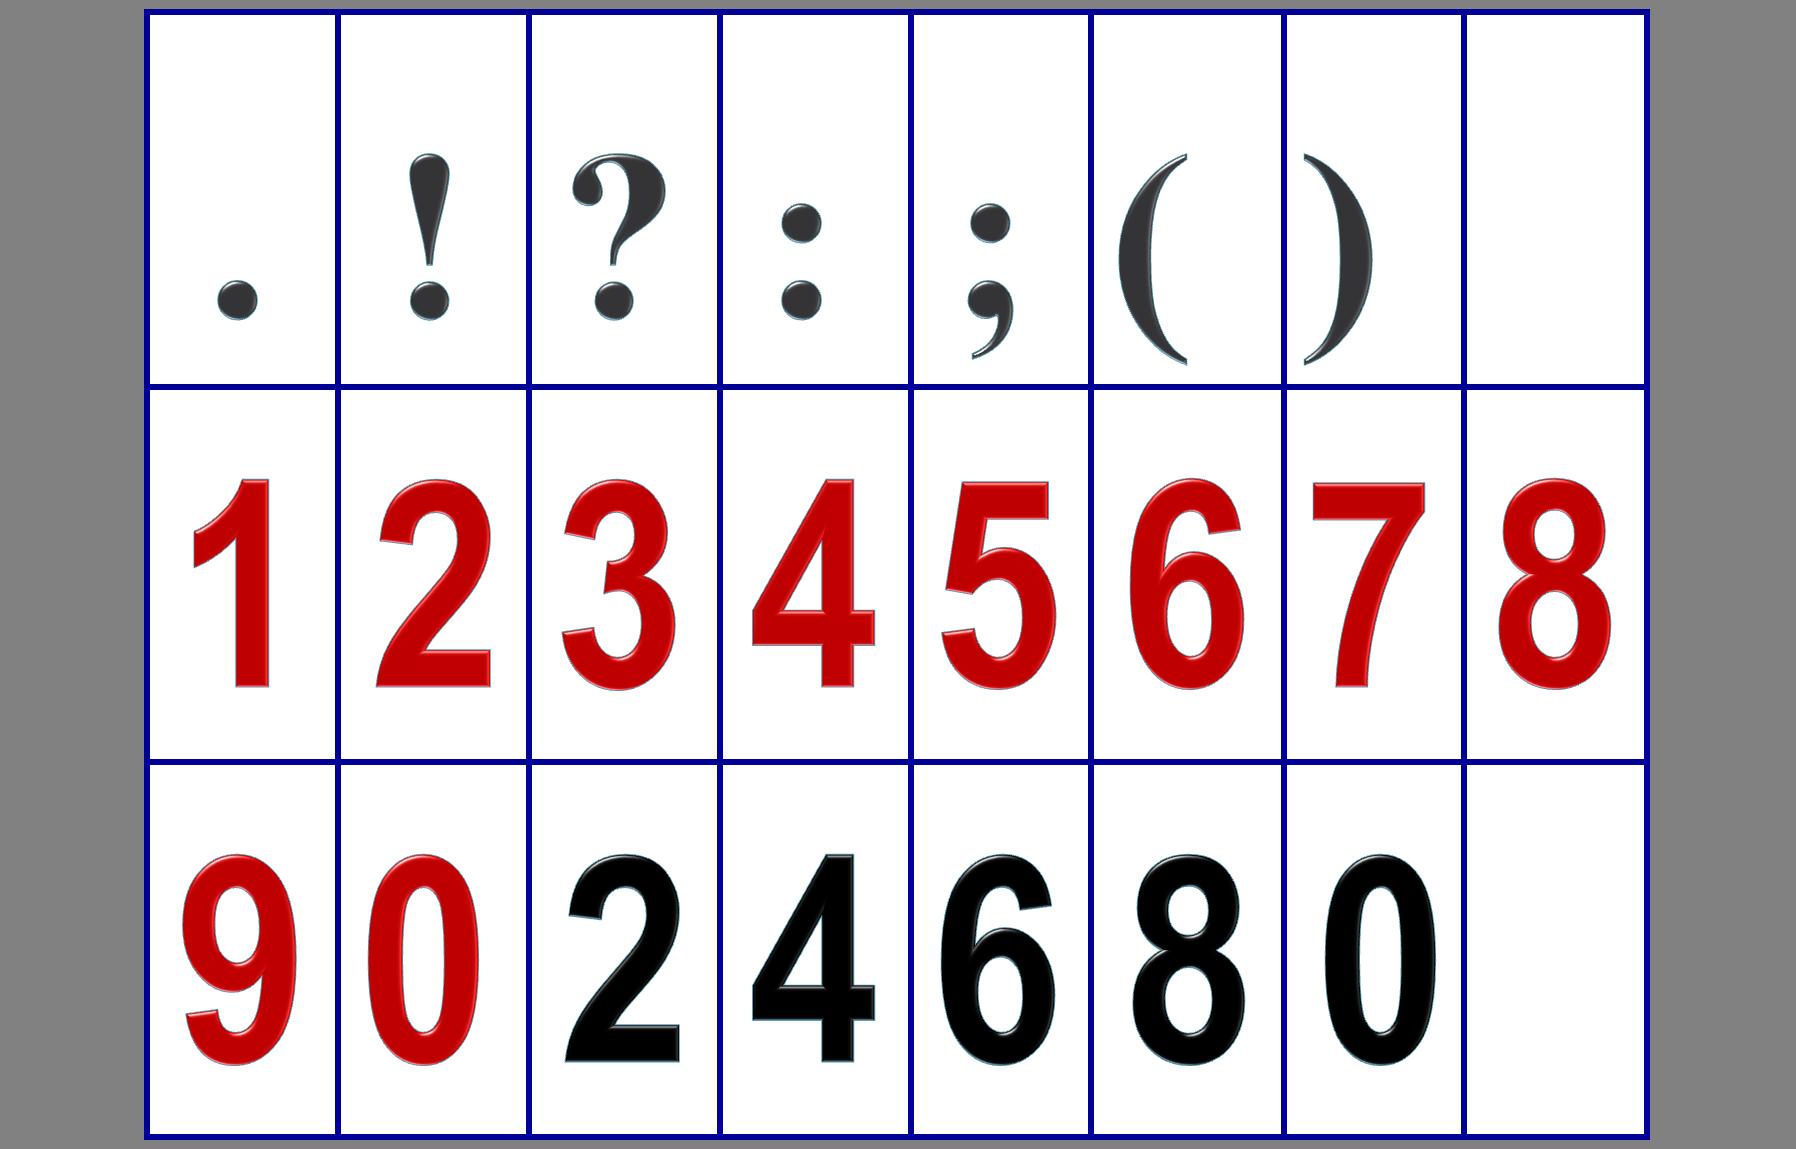 Как сделать чтобы на цифрах были знаки препинания